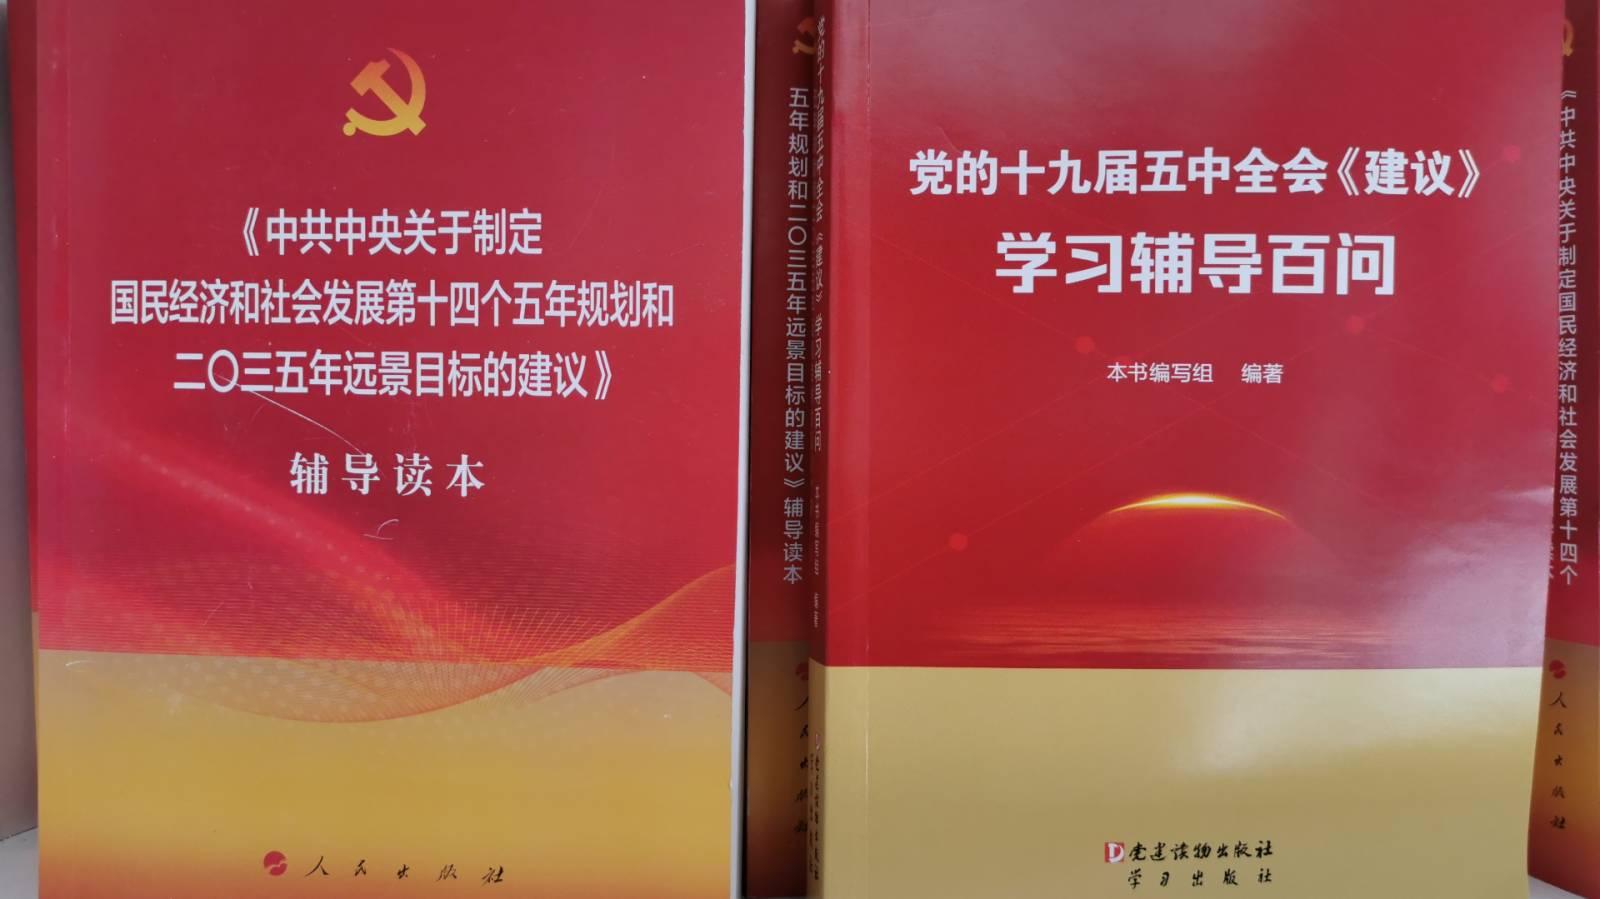 苗圩:補齊產業鏈供應鏈短板應對外部遏制